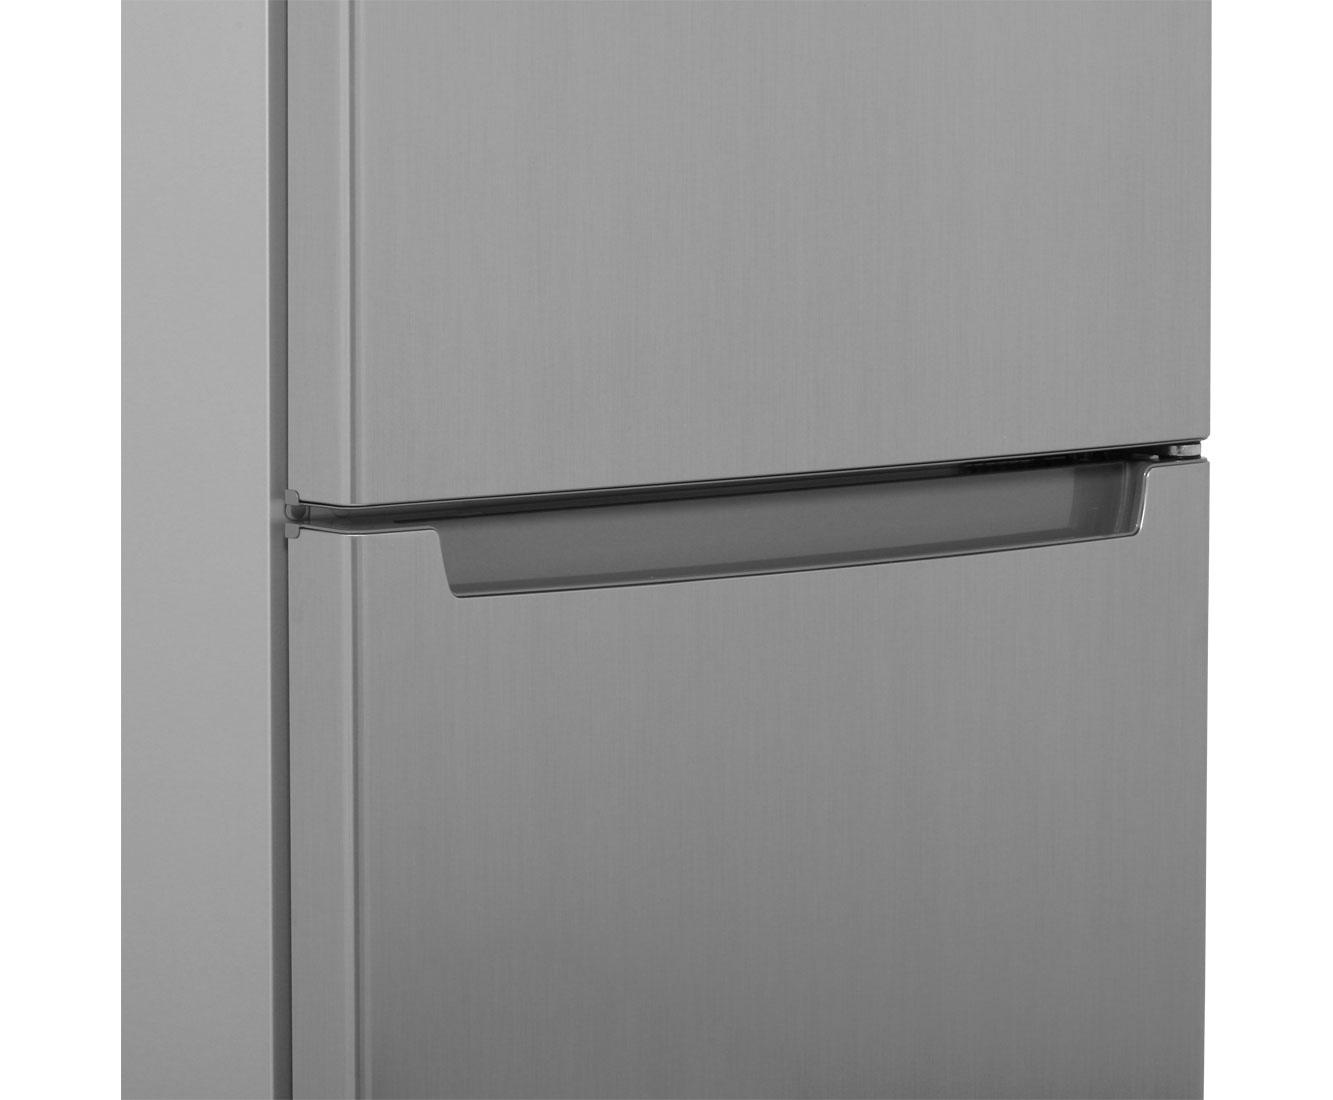 Siemens Kühlschrank Scharnier Einstellen : Kühlschrank temperatur einstellen siemens neff kühlschrank